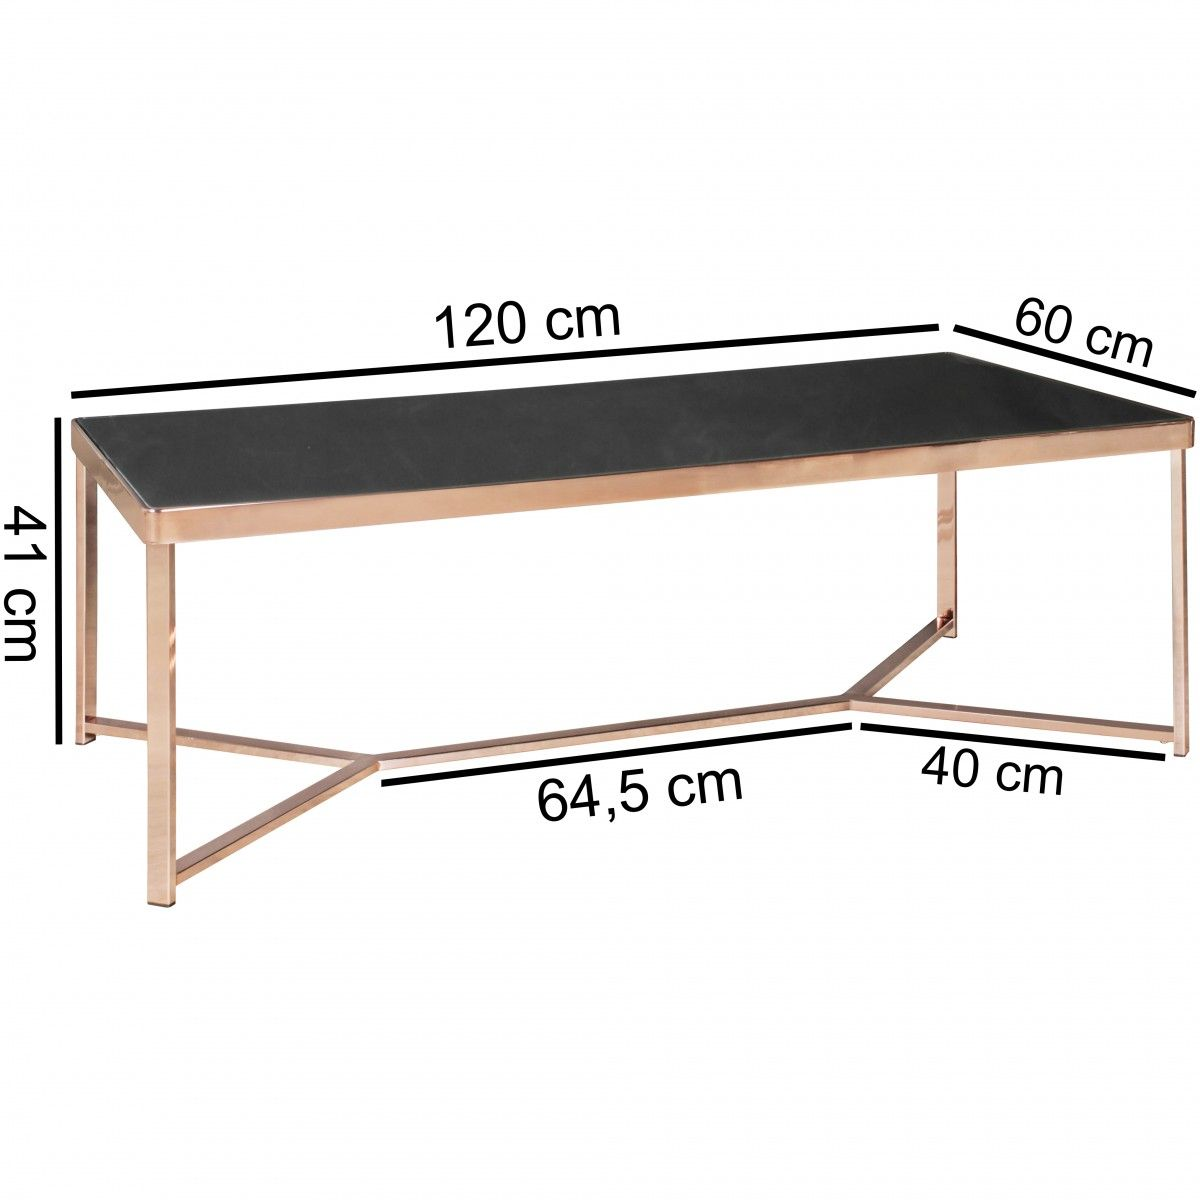 couchtisch tisch charms 120x40 cm metall glas schwarz. Black Bedroom Furniture Sets. Home Design Ideas